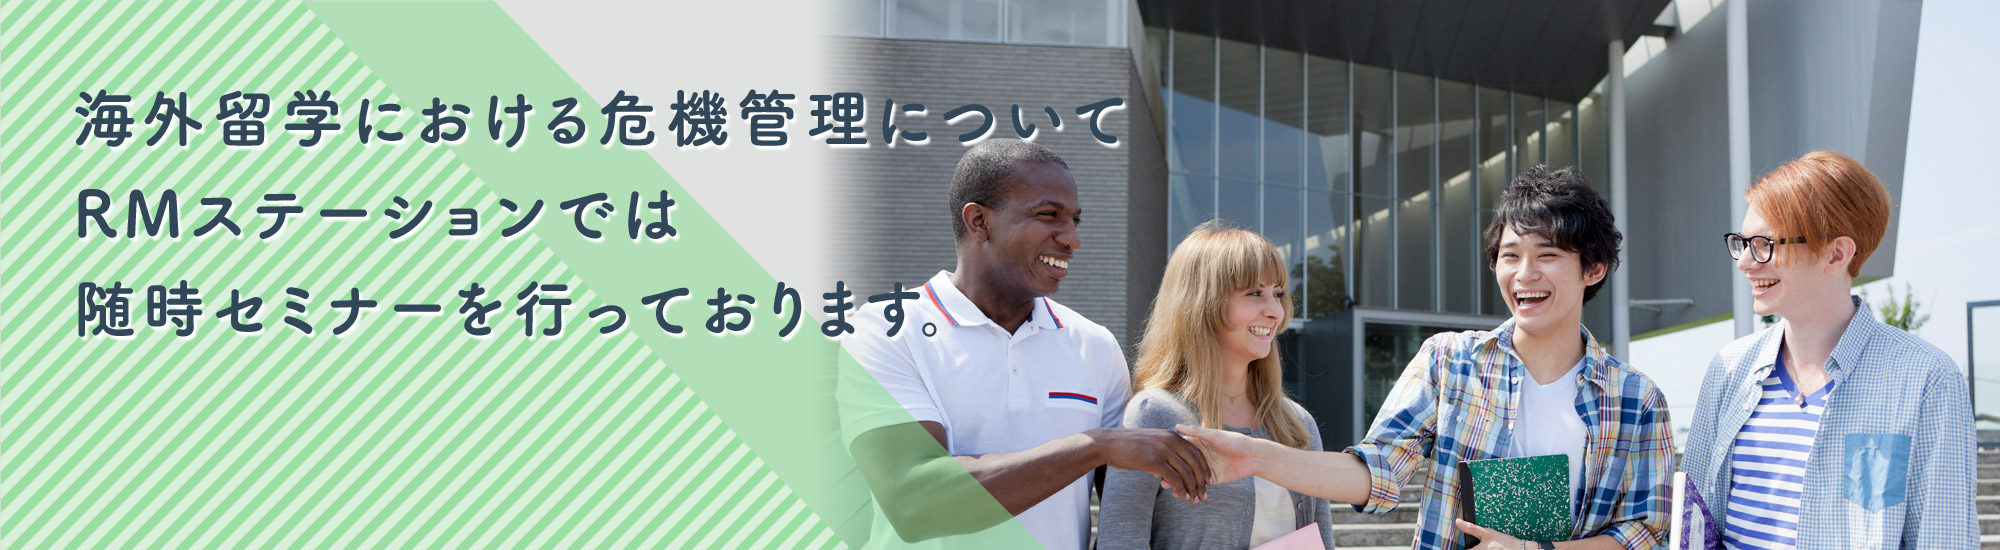 海外留学における危機管理危についてRMステーションでは随時セミナーを行っております。